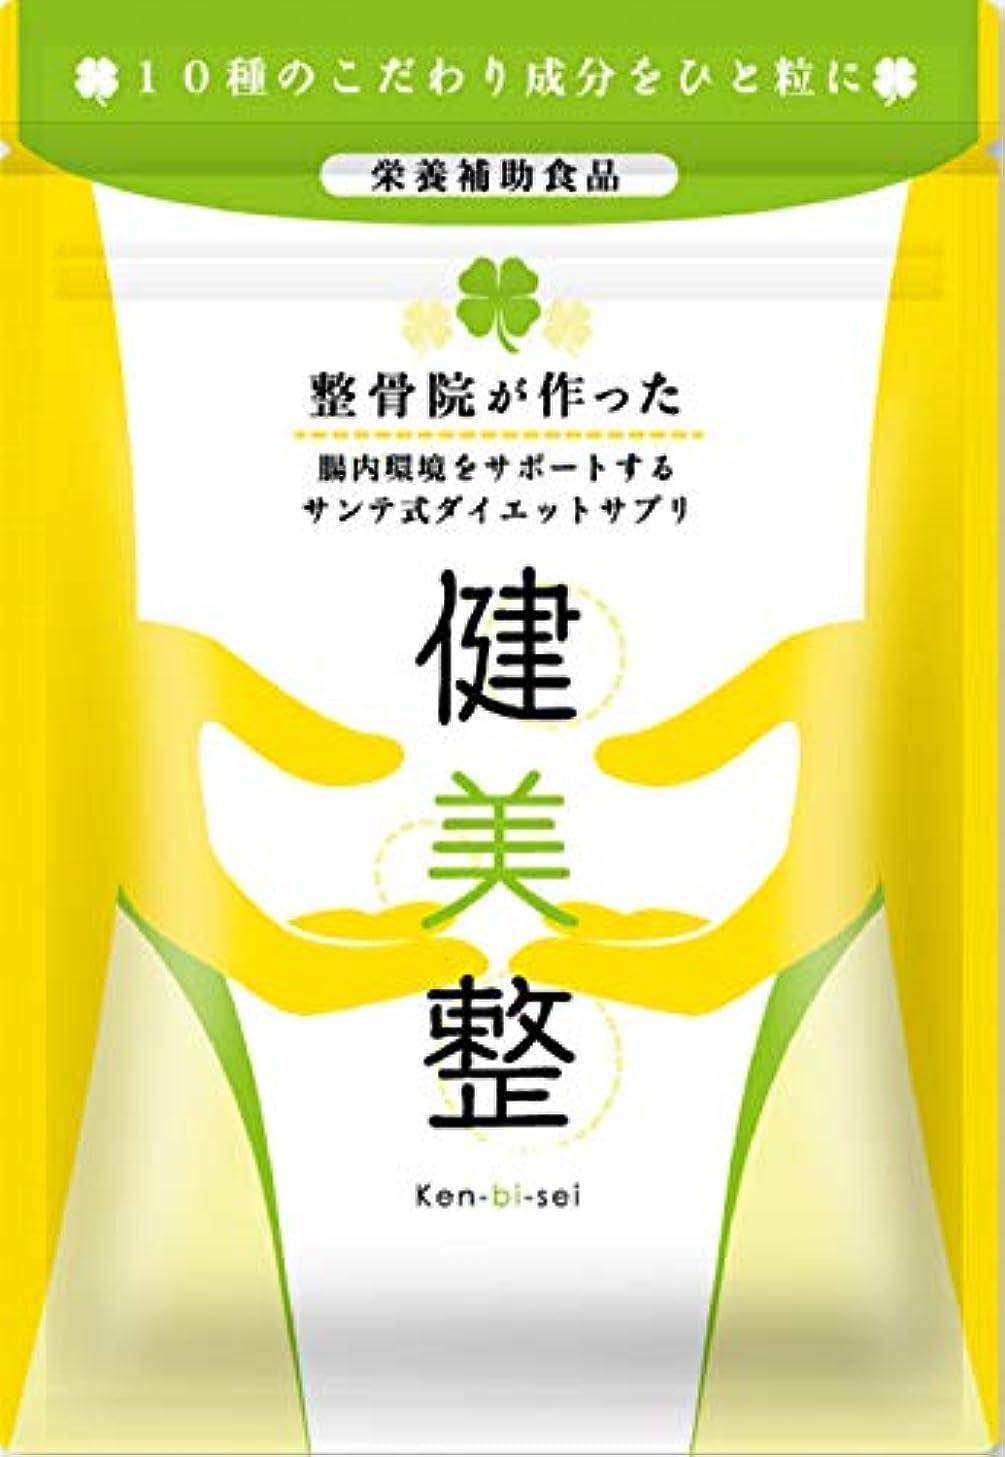 専門流星によるとサプリメント ダイエット 酵素 腸内 健美整 人気 腸内環境 60粒1か月分 (1)